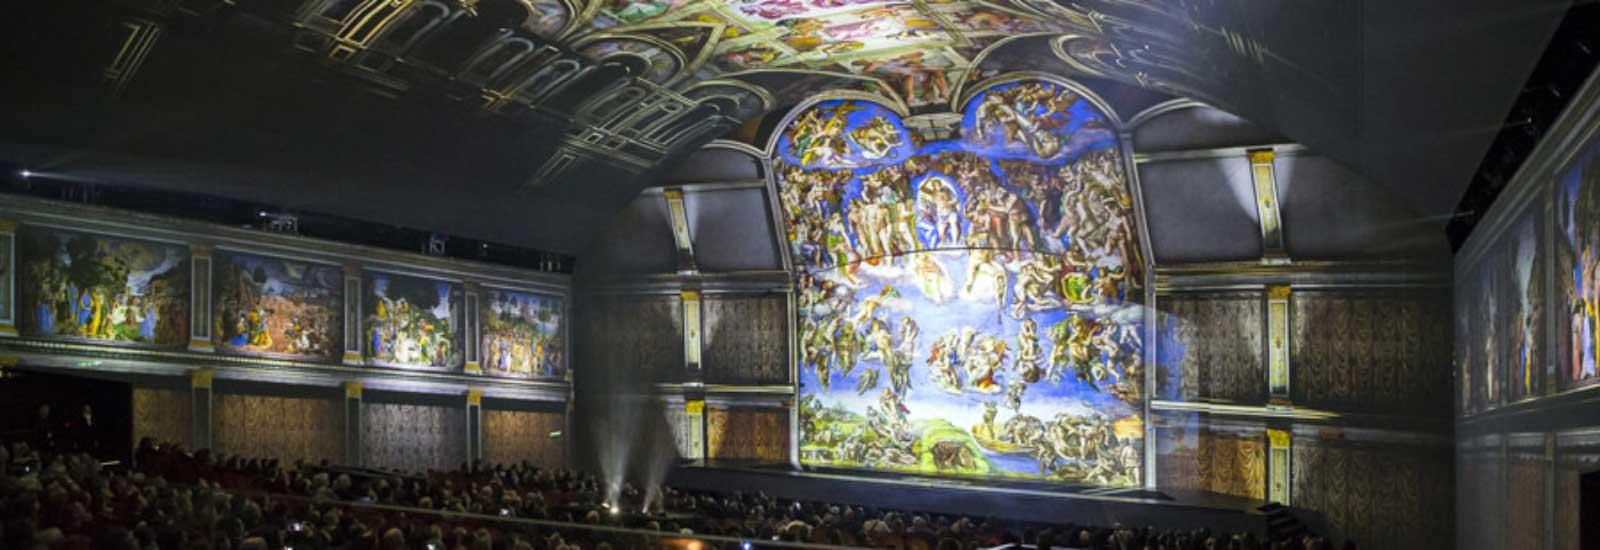 Rivestimento teatro - Giudizio Universale, Marco Balich